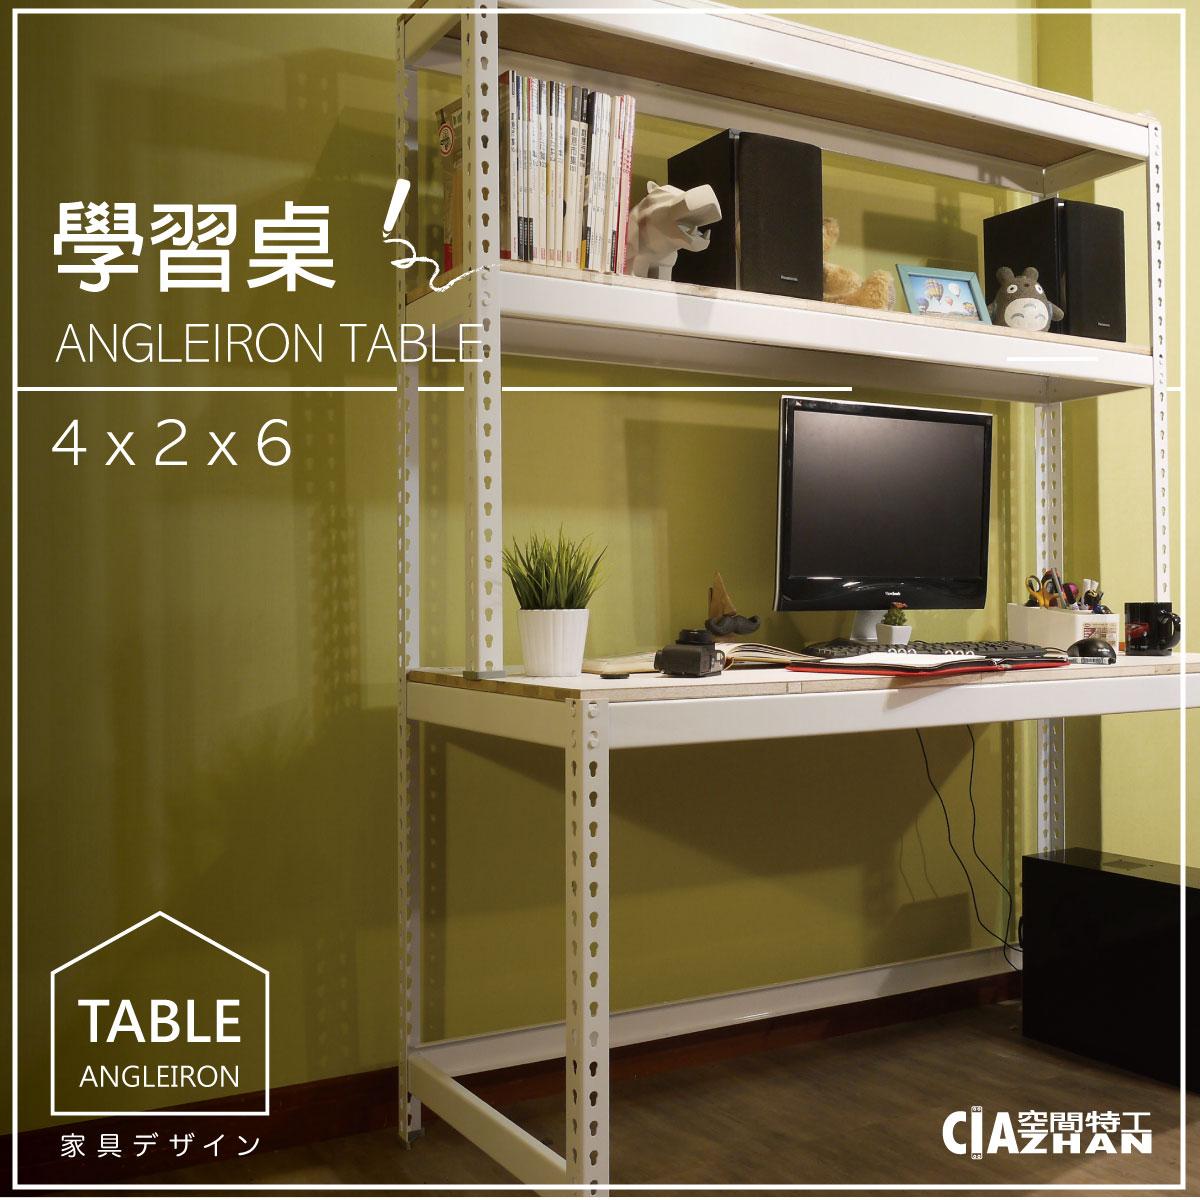 【空間特工】多功能 學習書桌 4尺 雪皓白 工作桌 工業風辦公桌 免螺絲角鋼桌 大桌面 電腦桌 層架 置物架 WDW40203